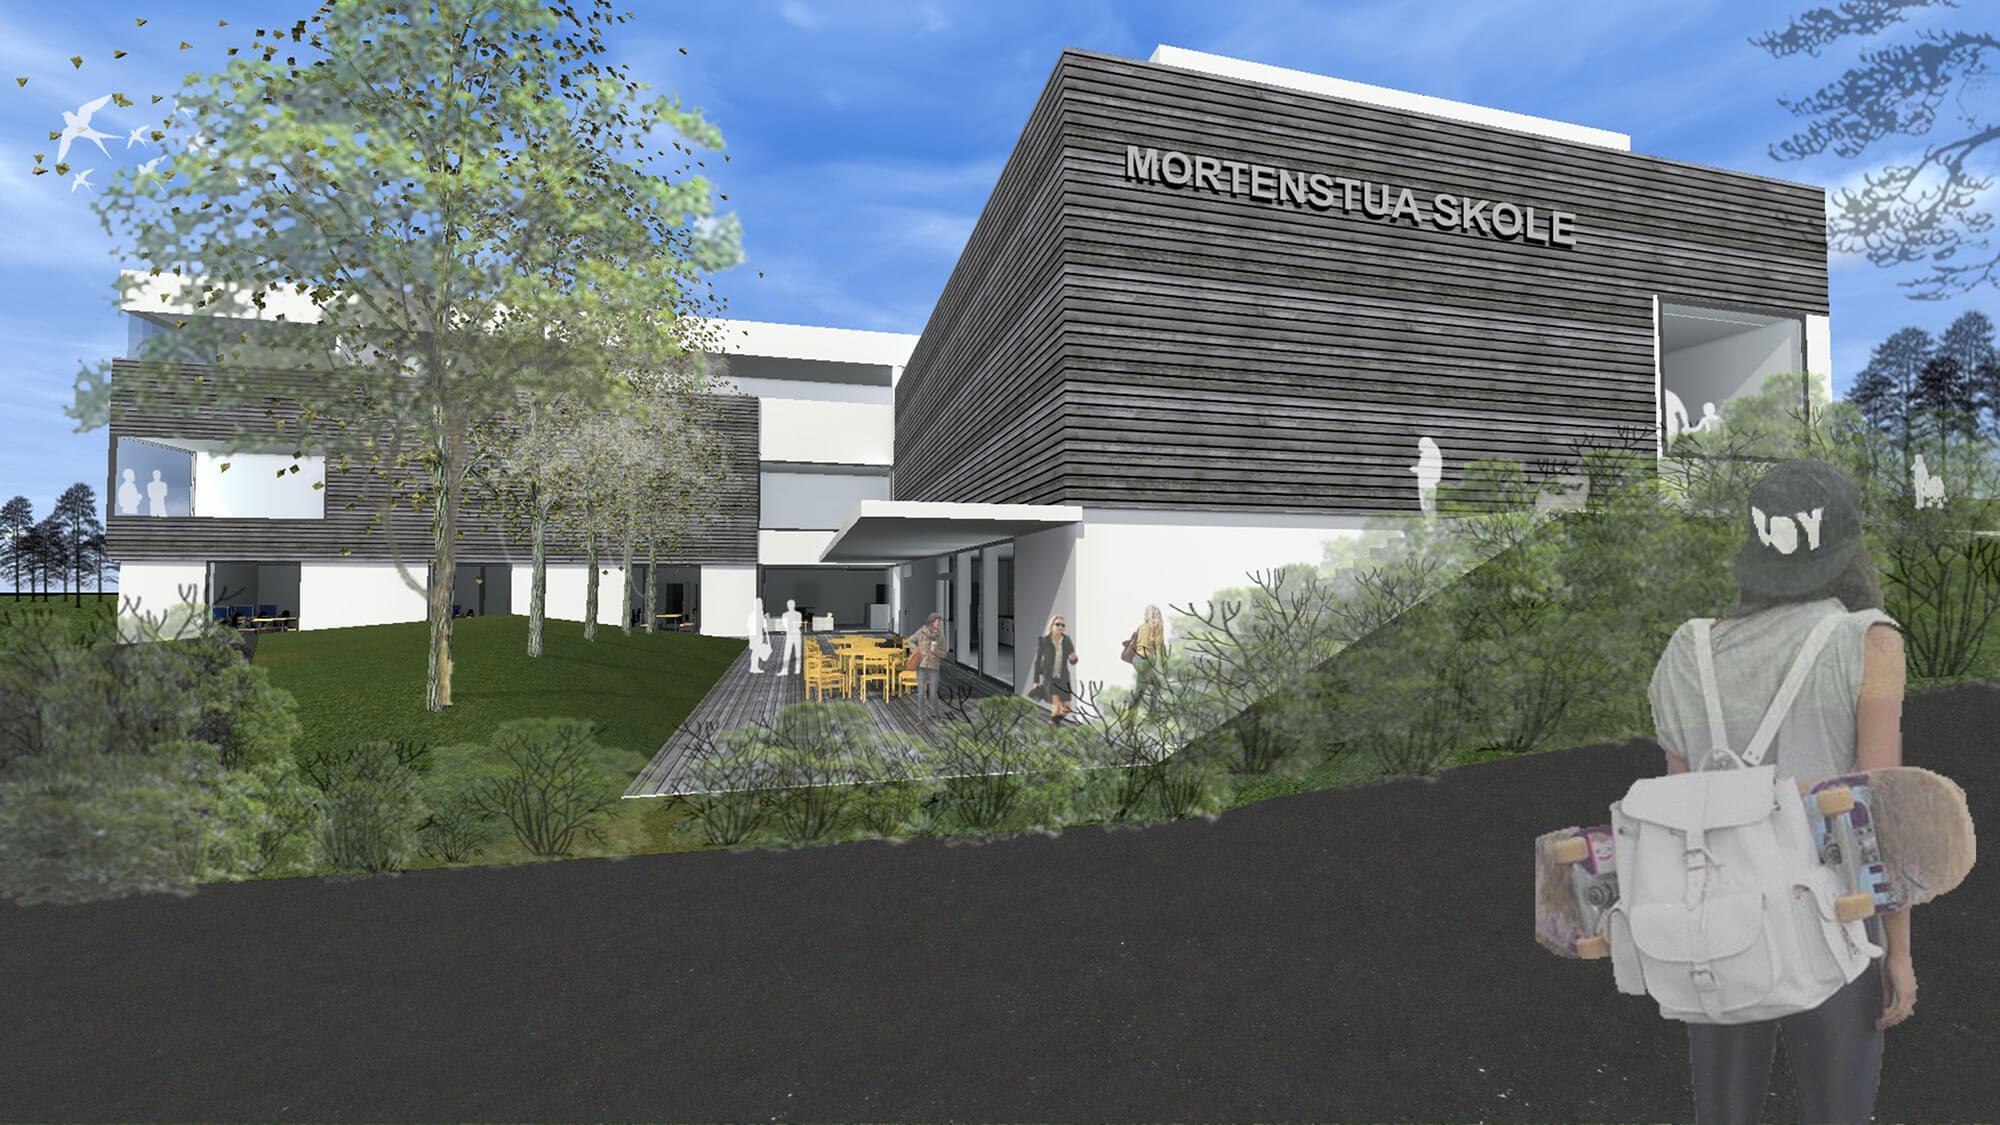 Mortenstua skole